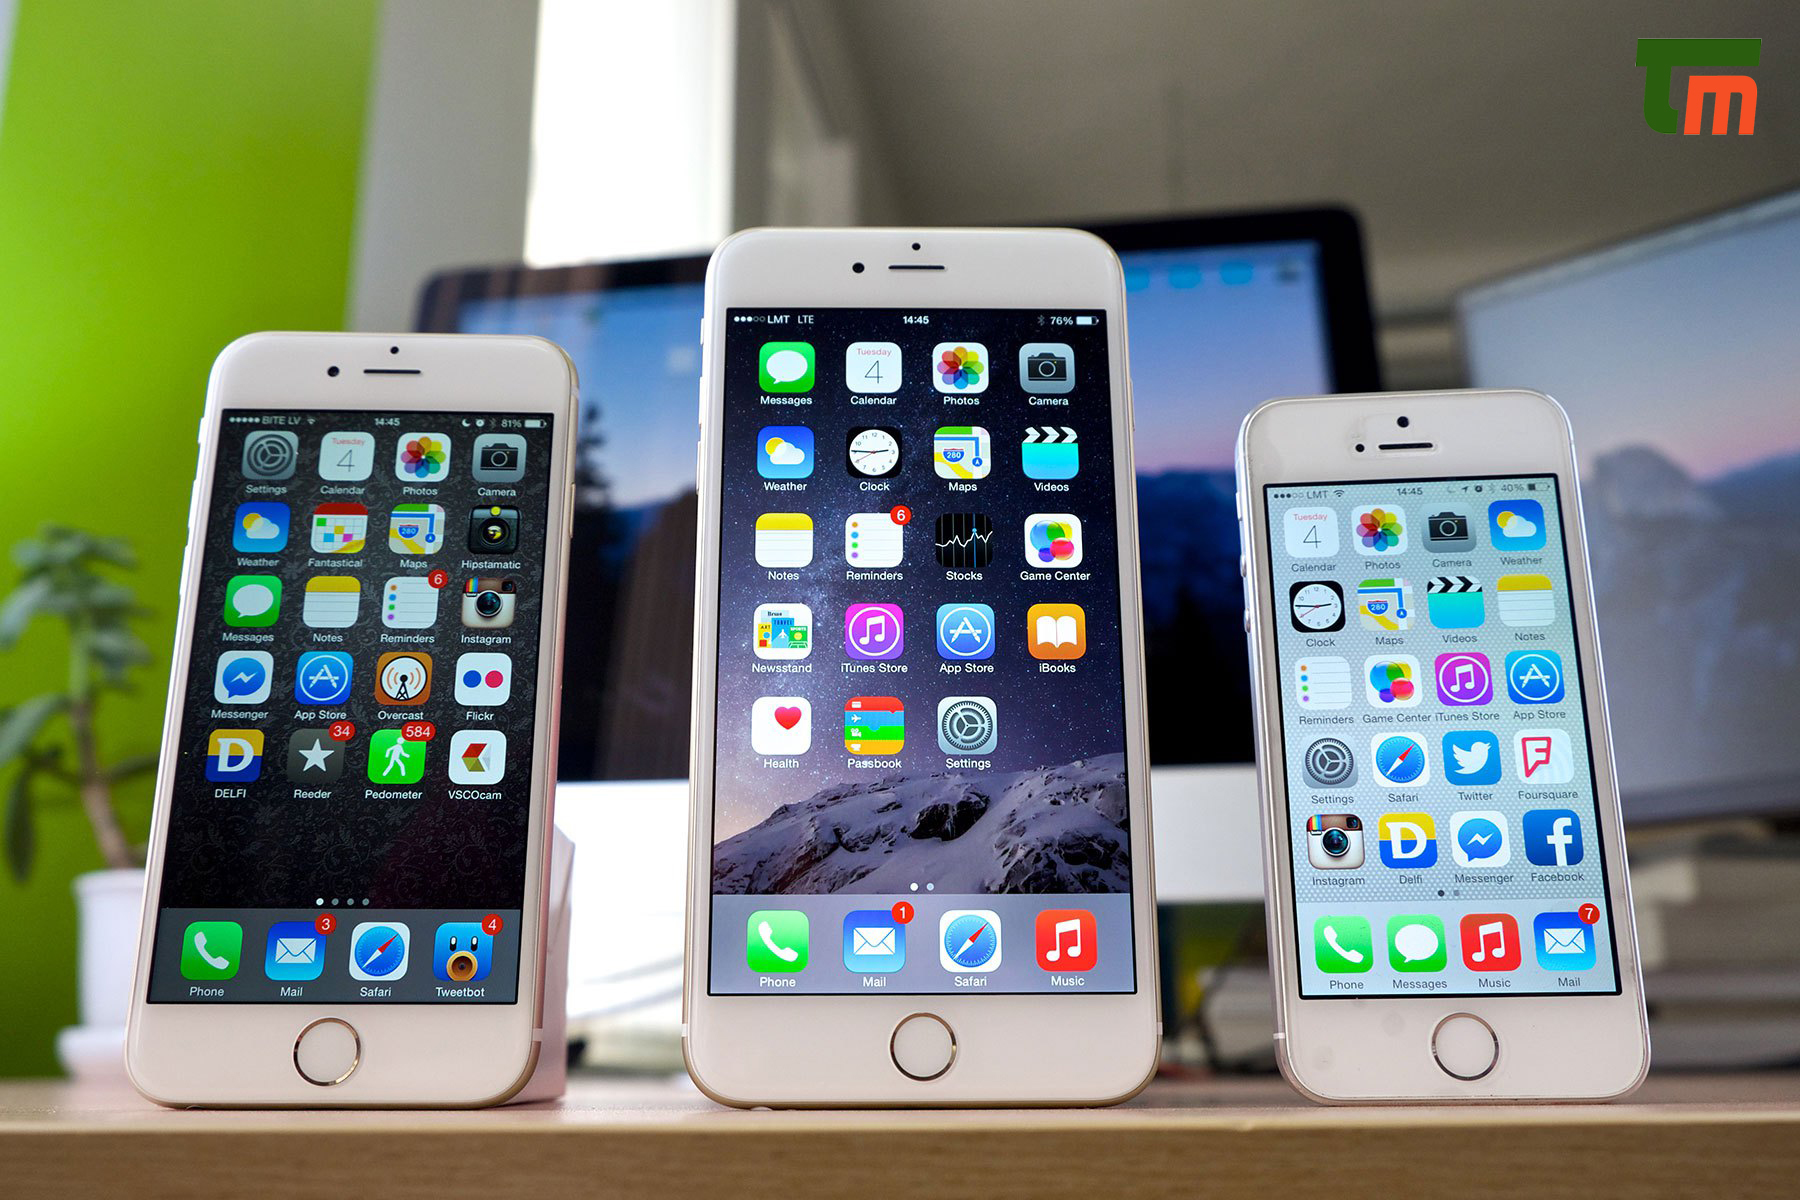 وضعیت گوشی های اپل در ایران مشخص شد / 9 شرکت واردکننده محصولات اپل مجوز گرفتند